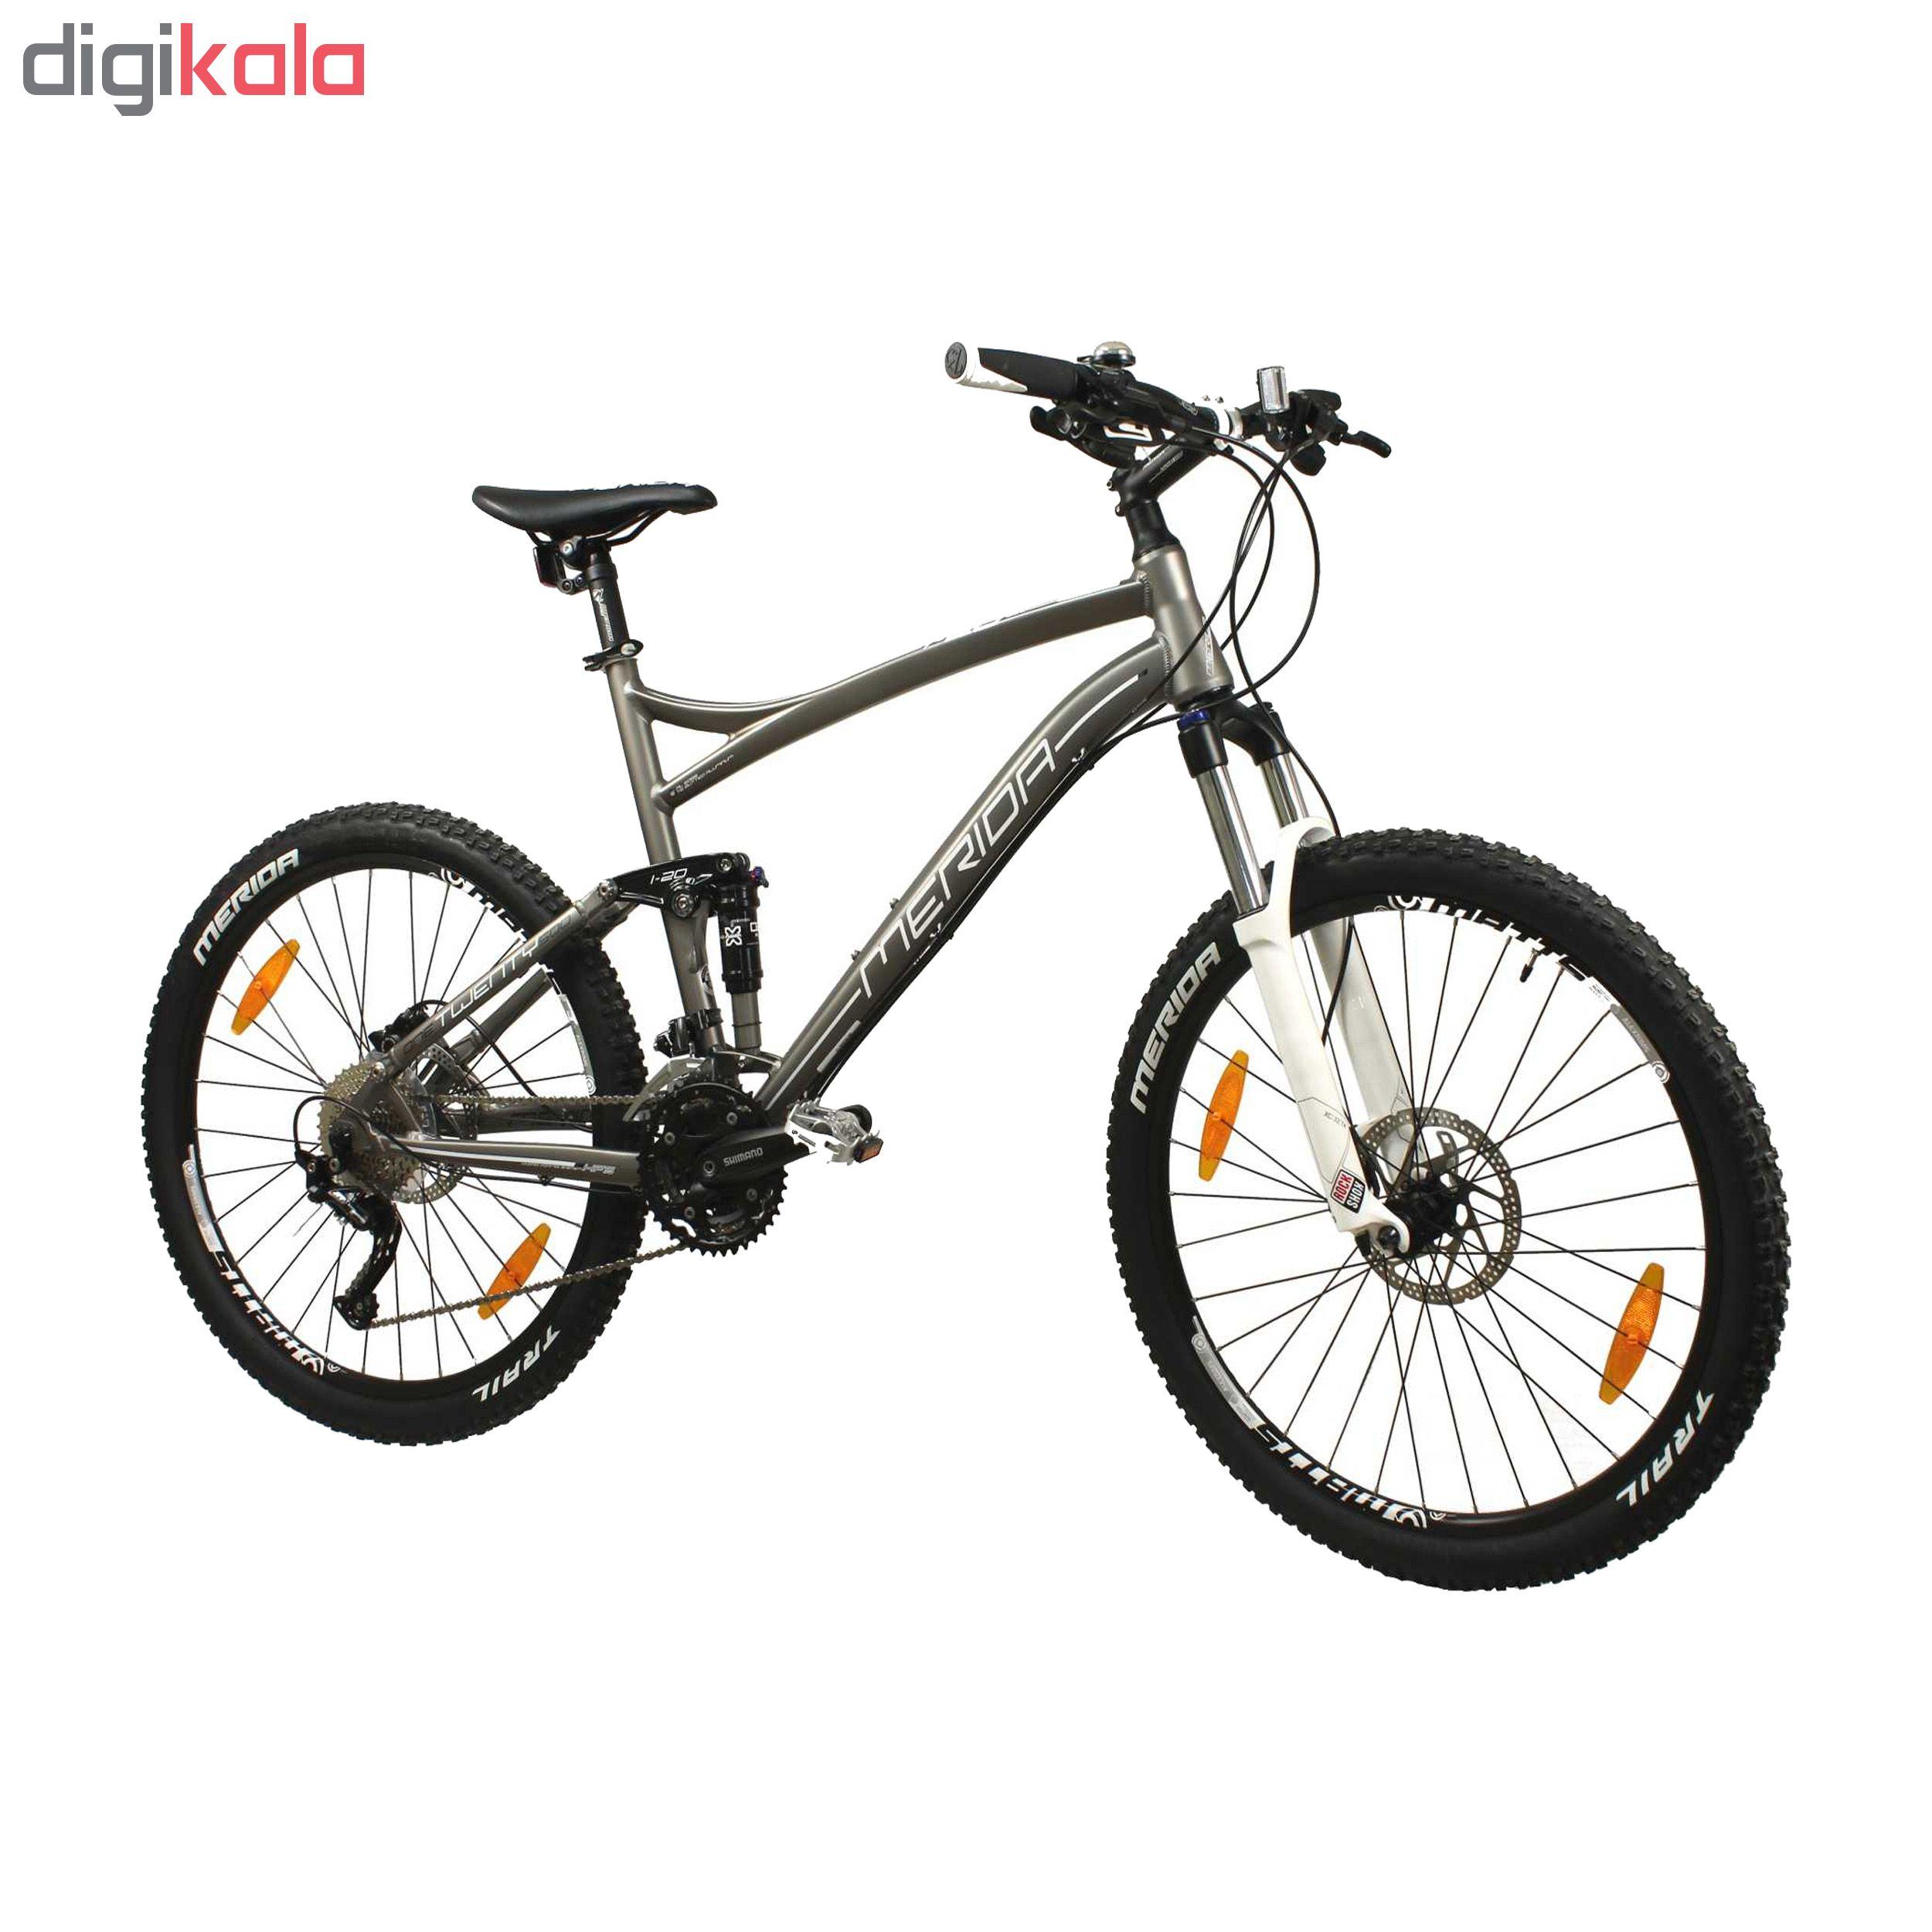 دوچرخه کوهستان مریدا مدل ONE-TWENTY 500 D سایز 26 main 1 4